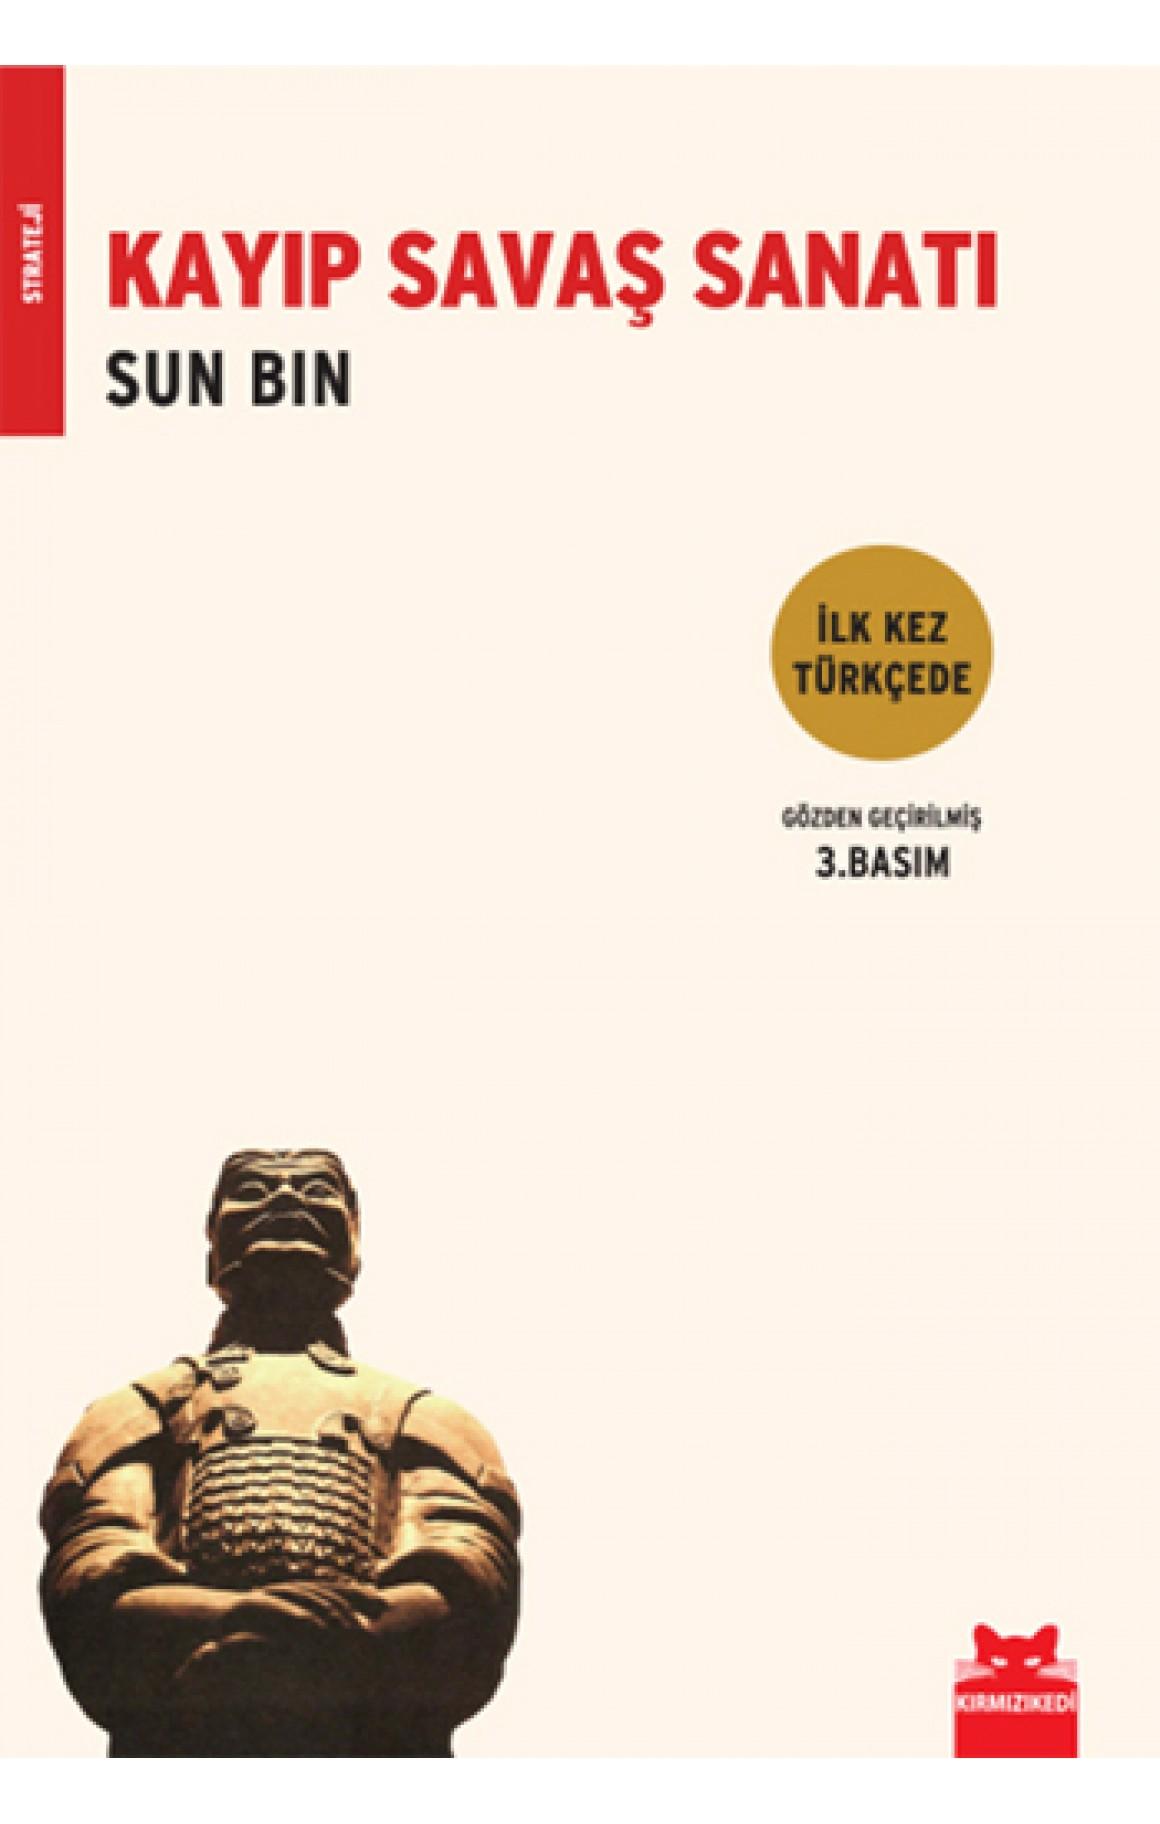 Kayıp Savaş Sanatı Sun Bin